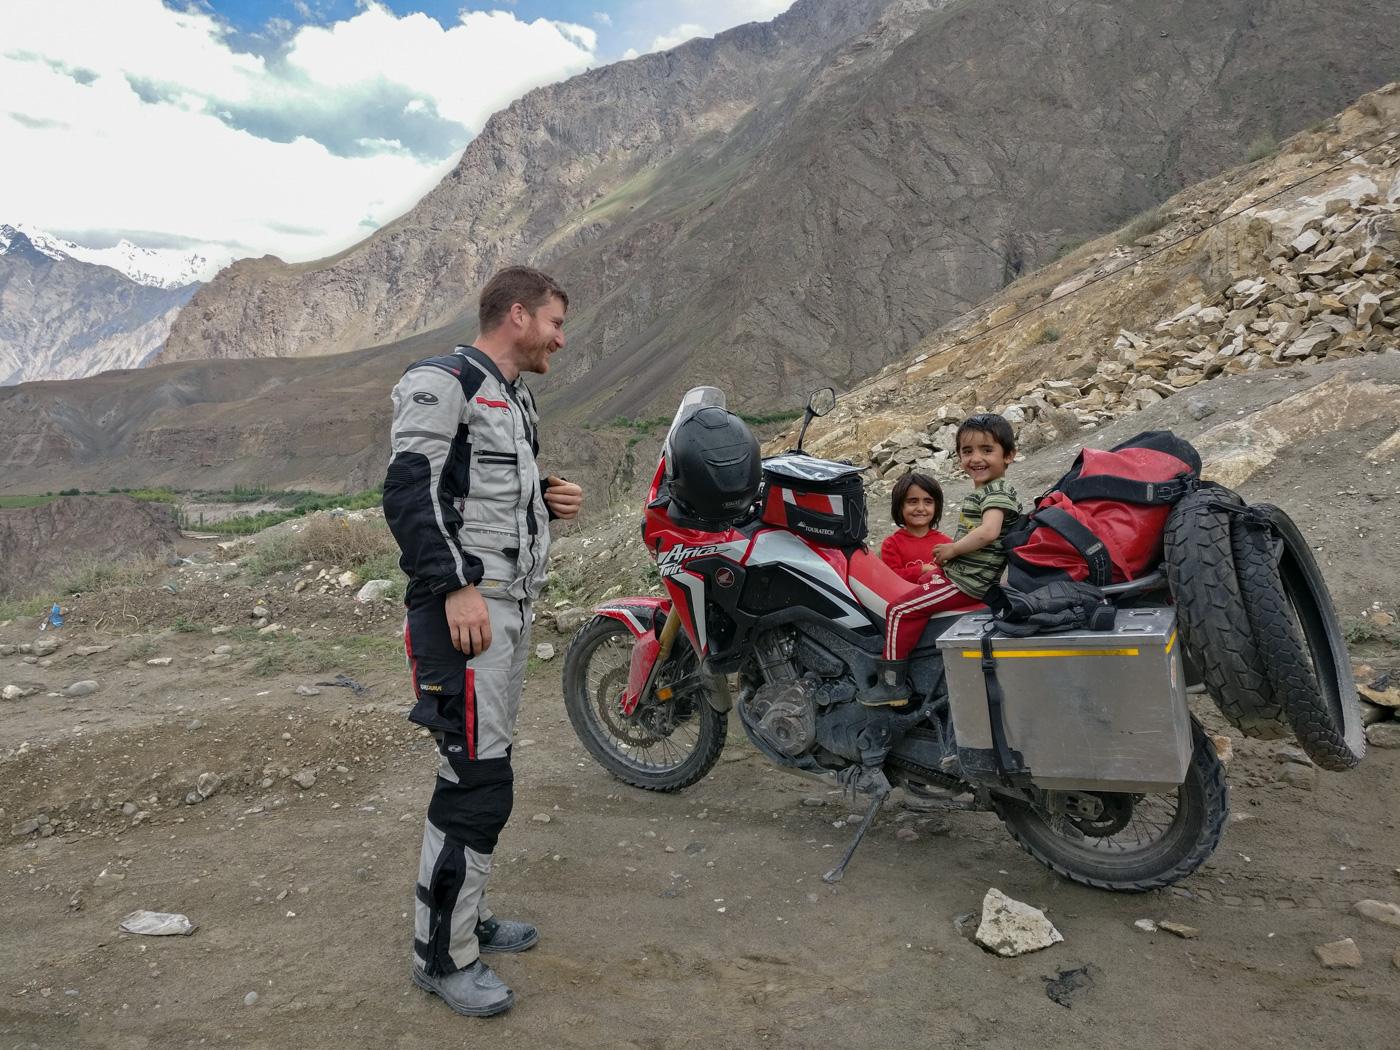 Die Begegnungen mit den Menschen machen die Fahrt über den Pamir Highway zu einem besonderen Erlebnis.